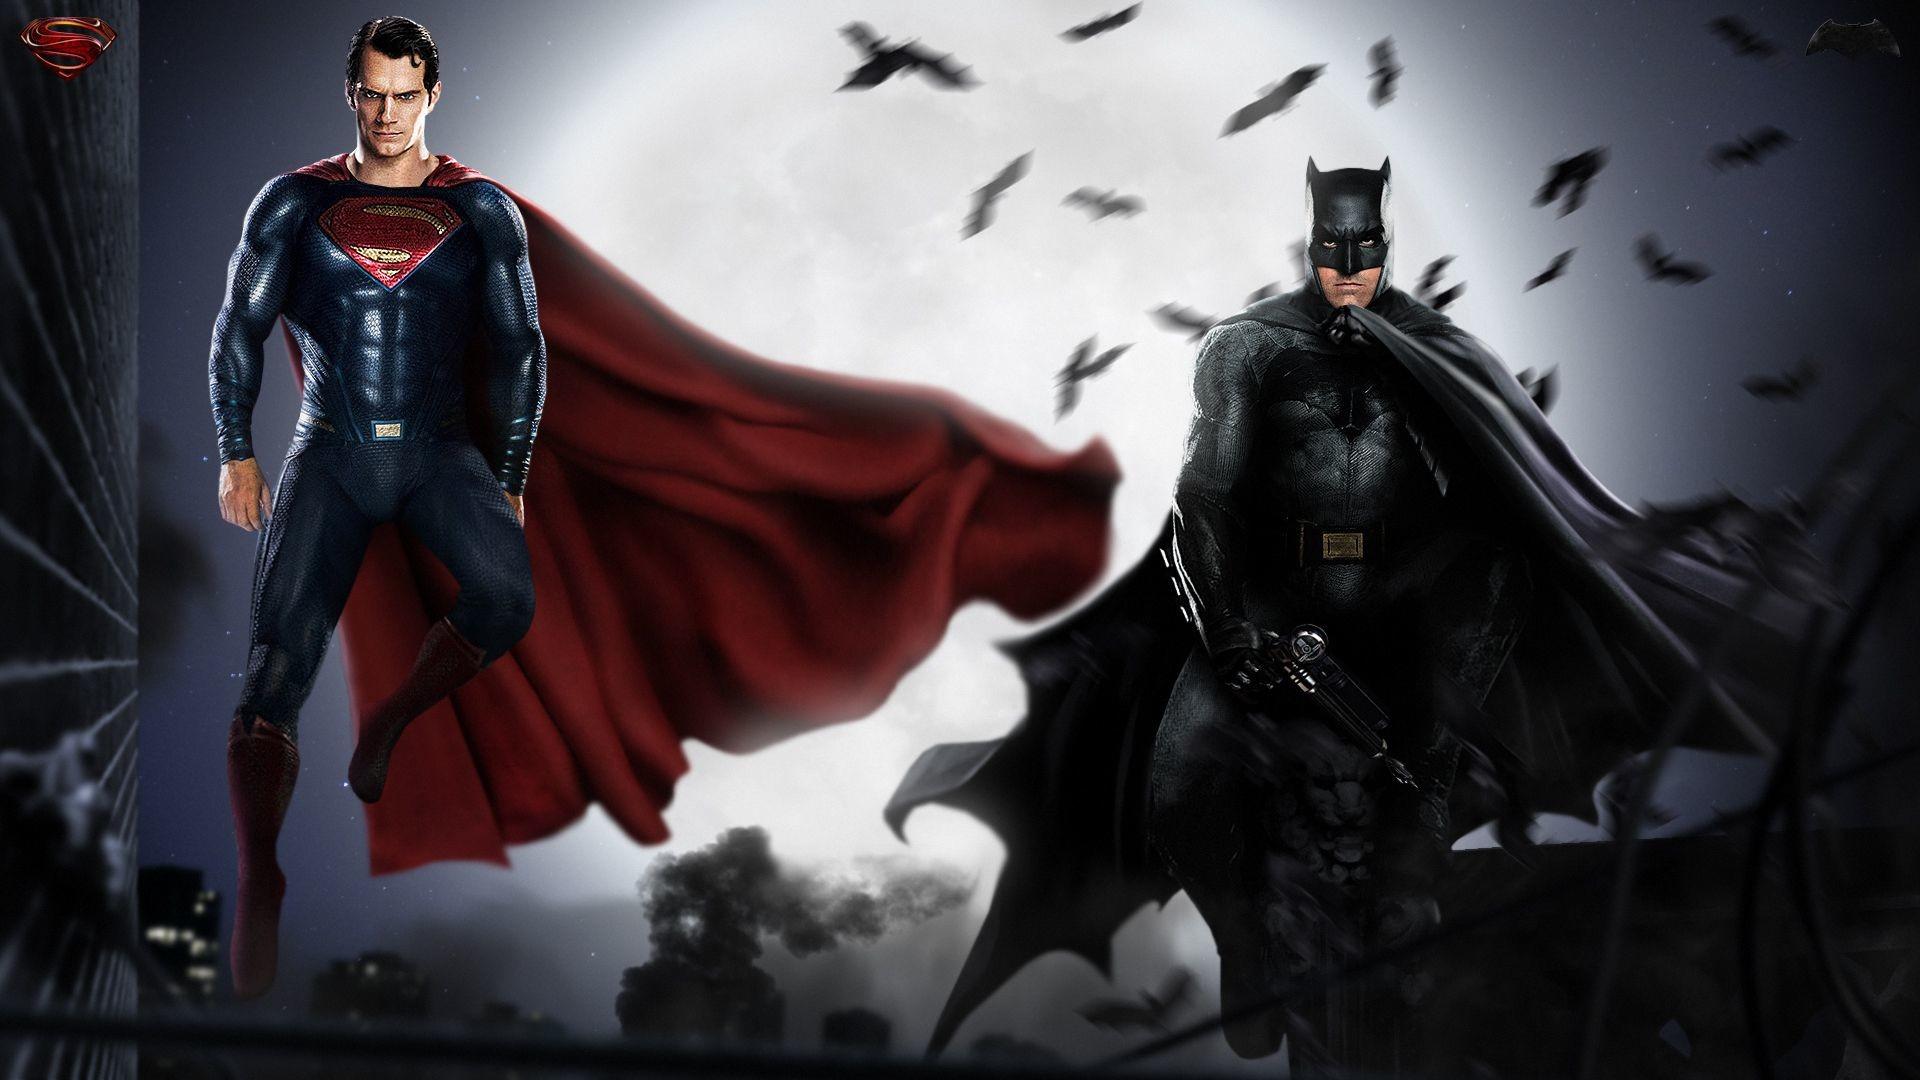 HQ Batman Vs Superman Wallpaper